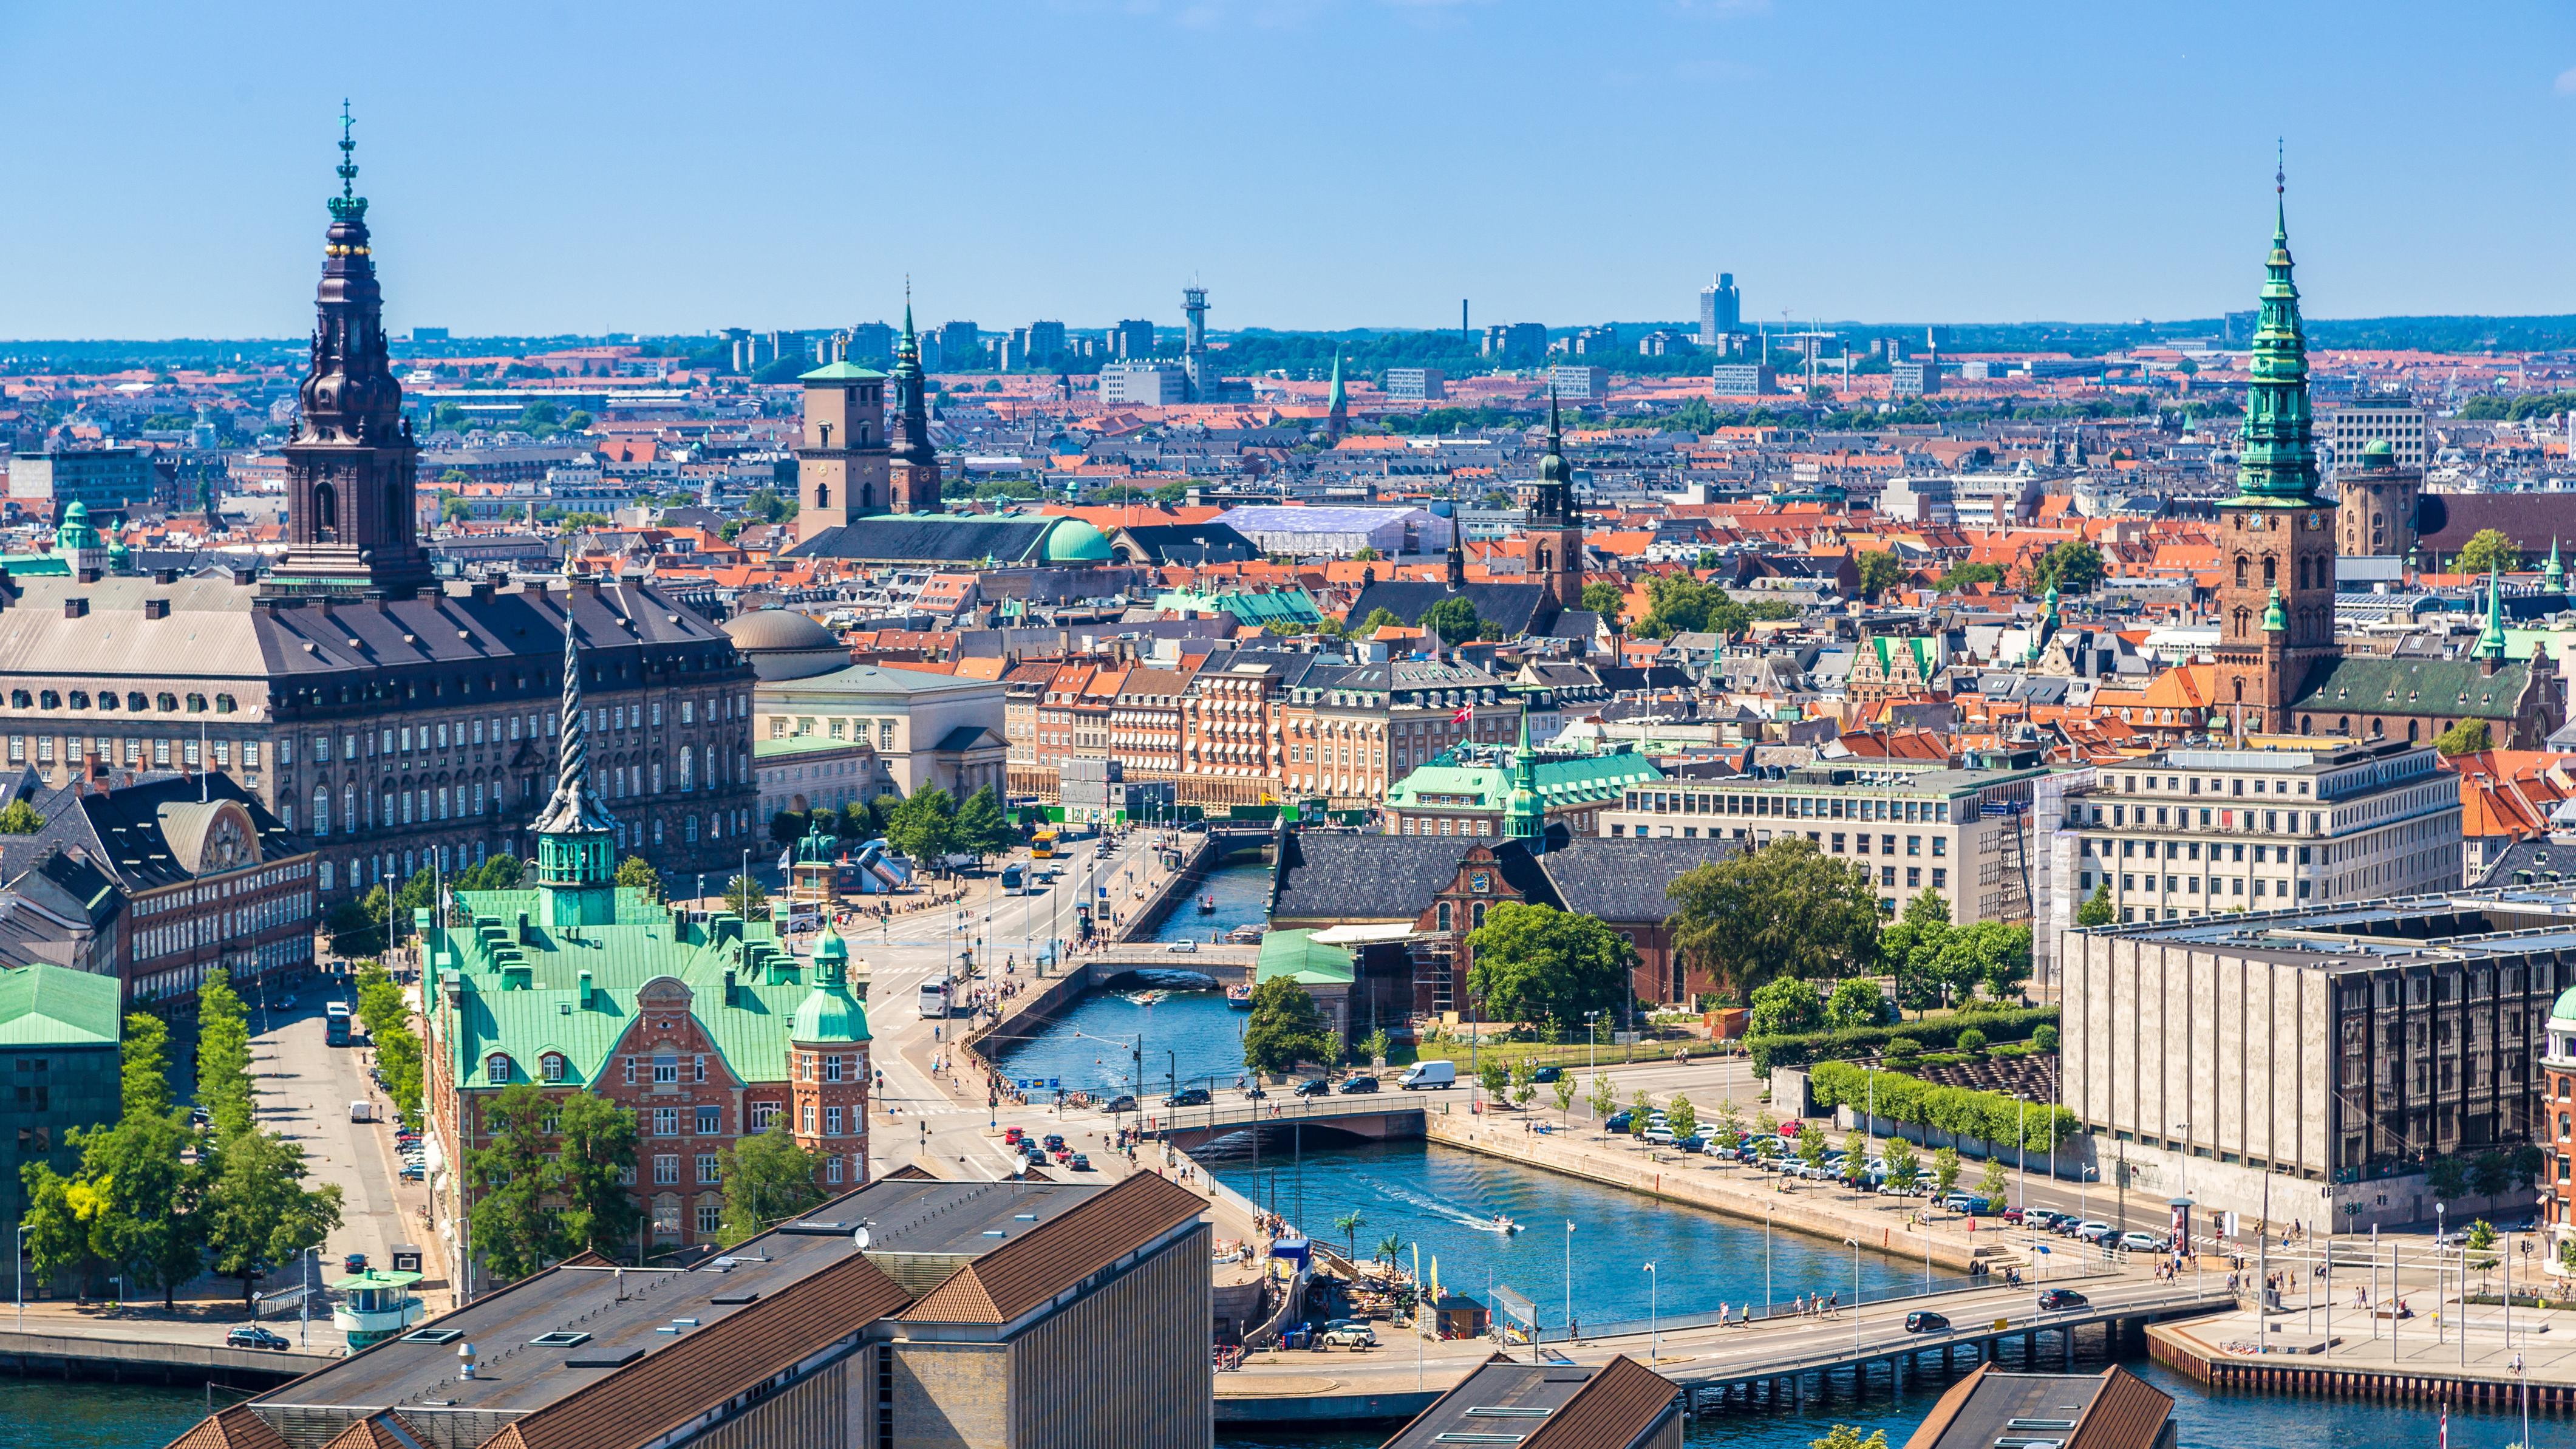 Копенгаген столица Дании, ПМЖ которой могут получить россияне, украинцы и белорусы